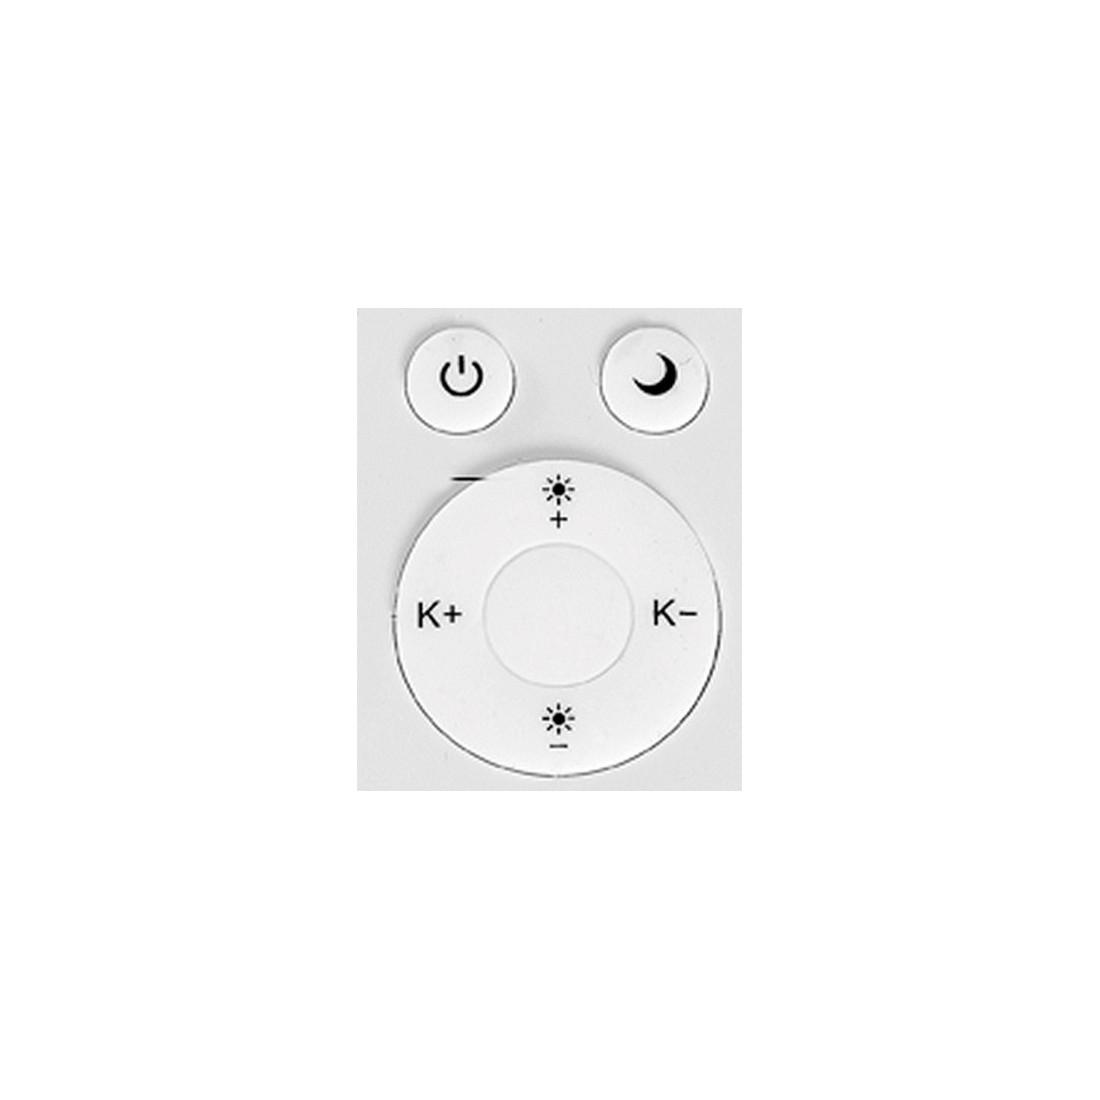 lamparas apliques para baoaplique led de cm para el espejo del bao compra online o por lamparas apliques para bao